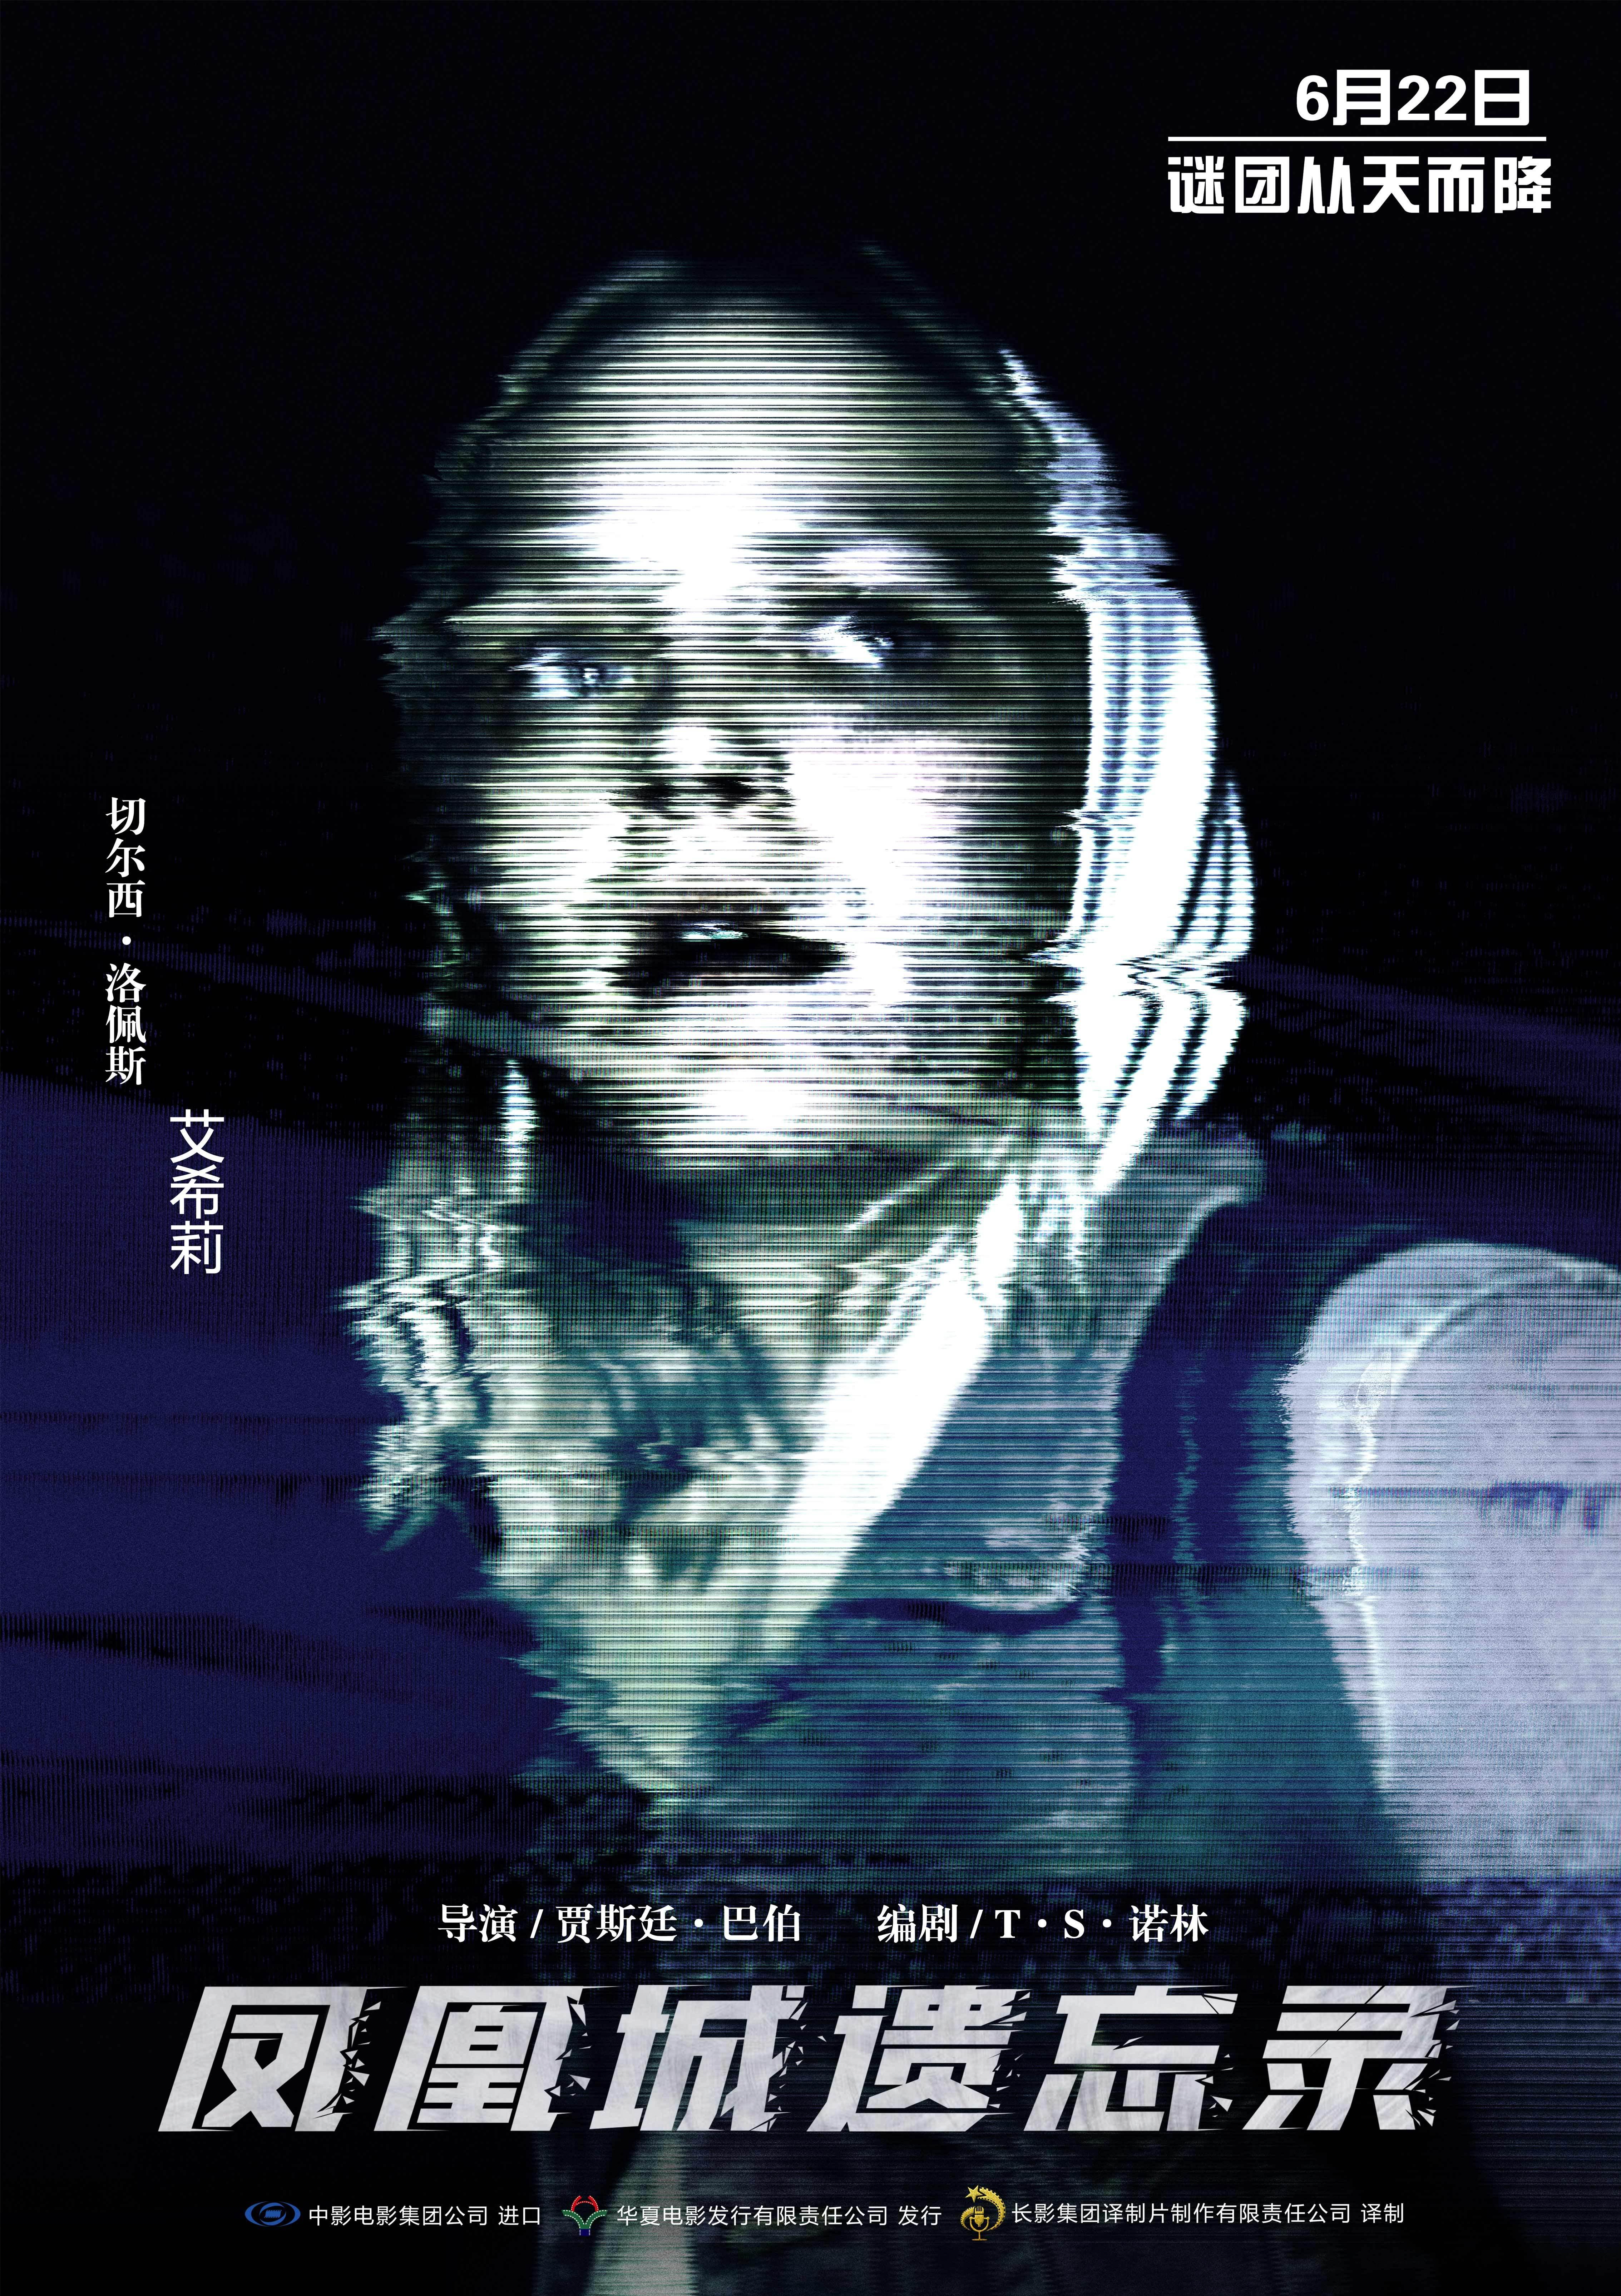 《凤凰城遗忘录》曝人物海报 再现UFO失踪案件始末